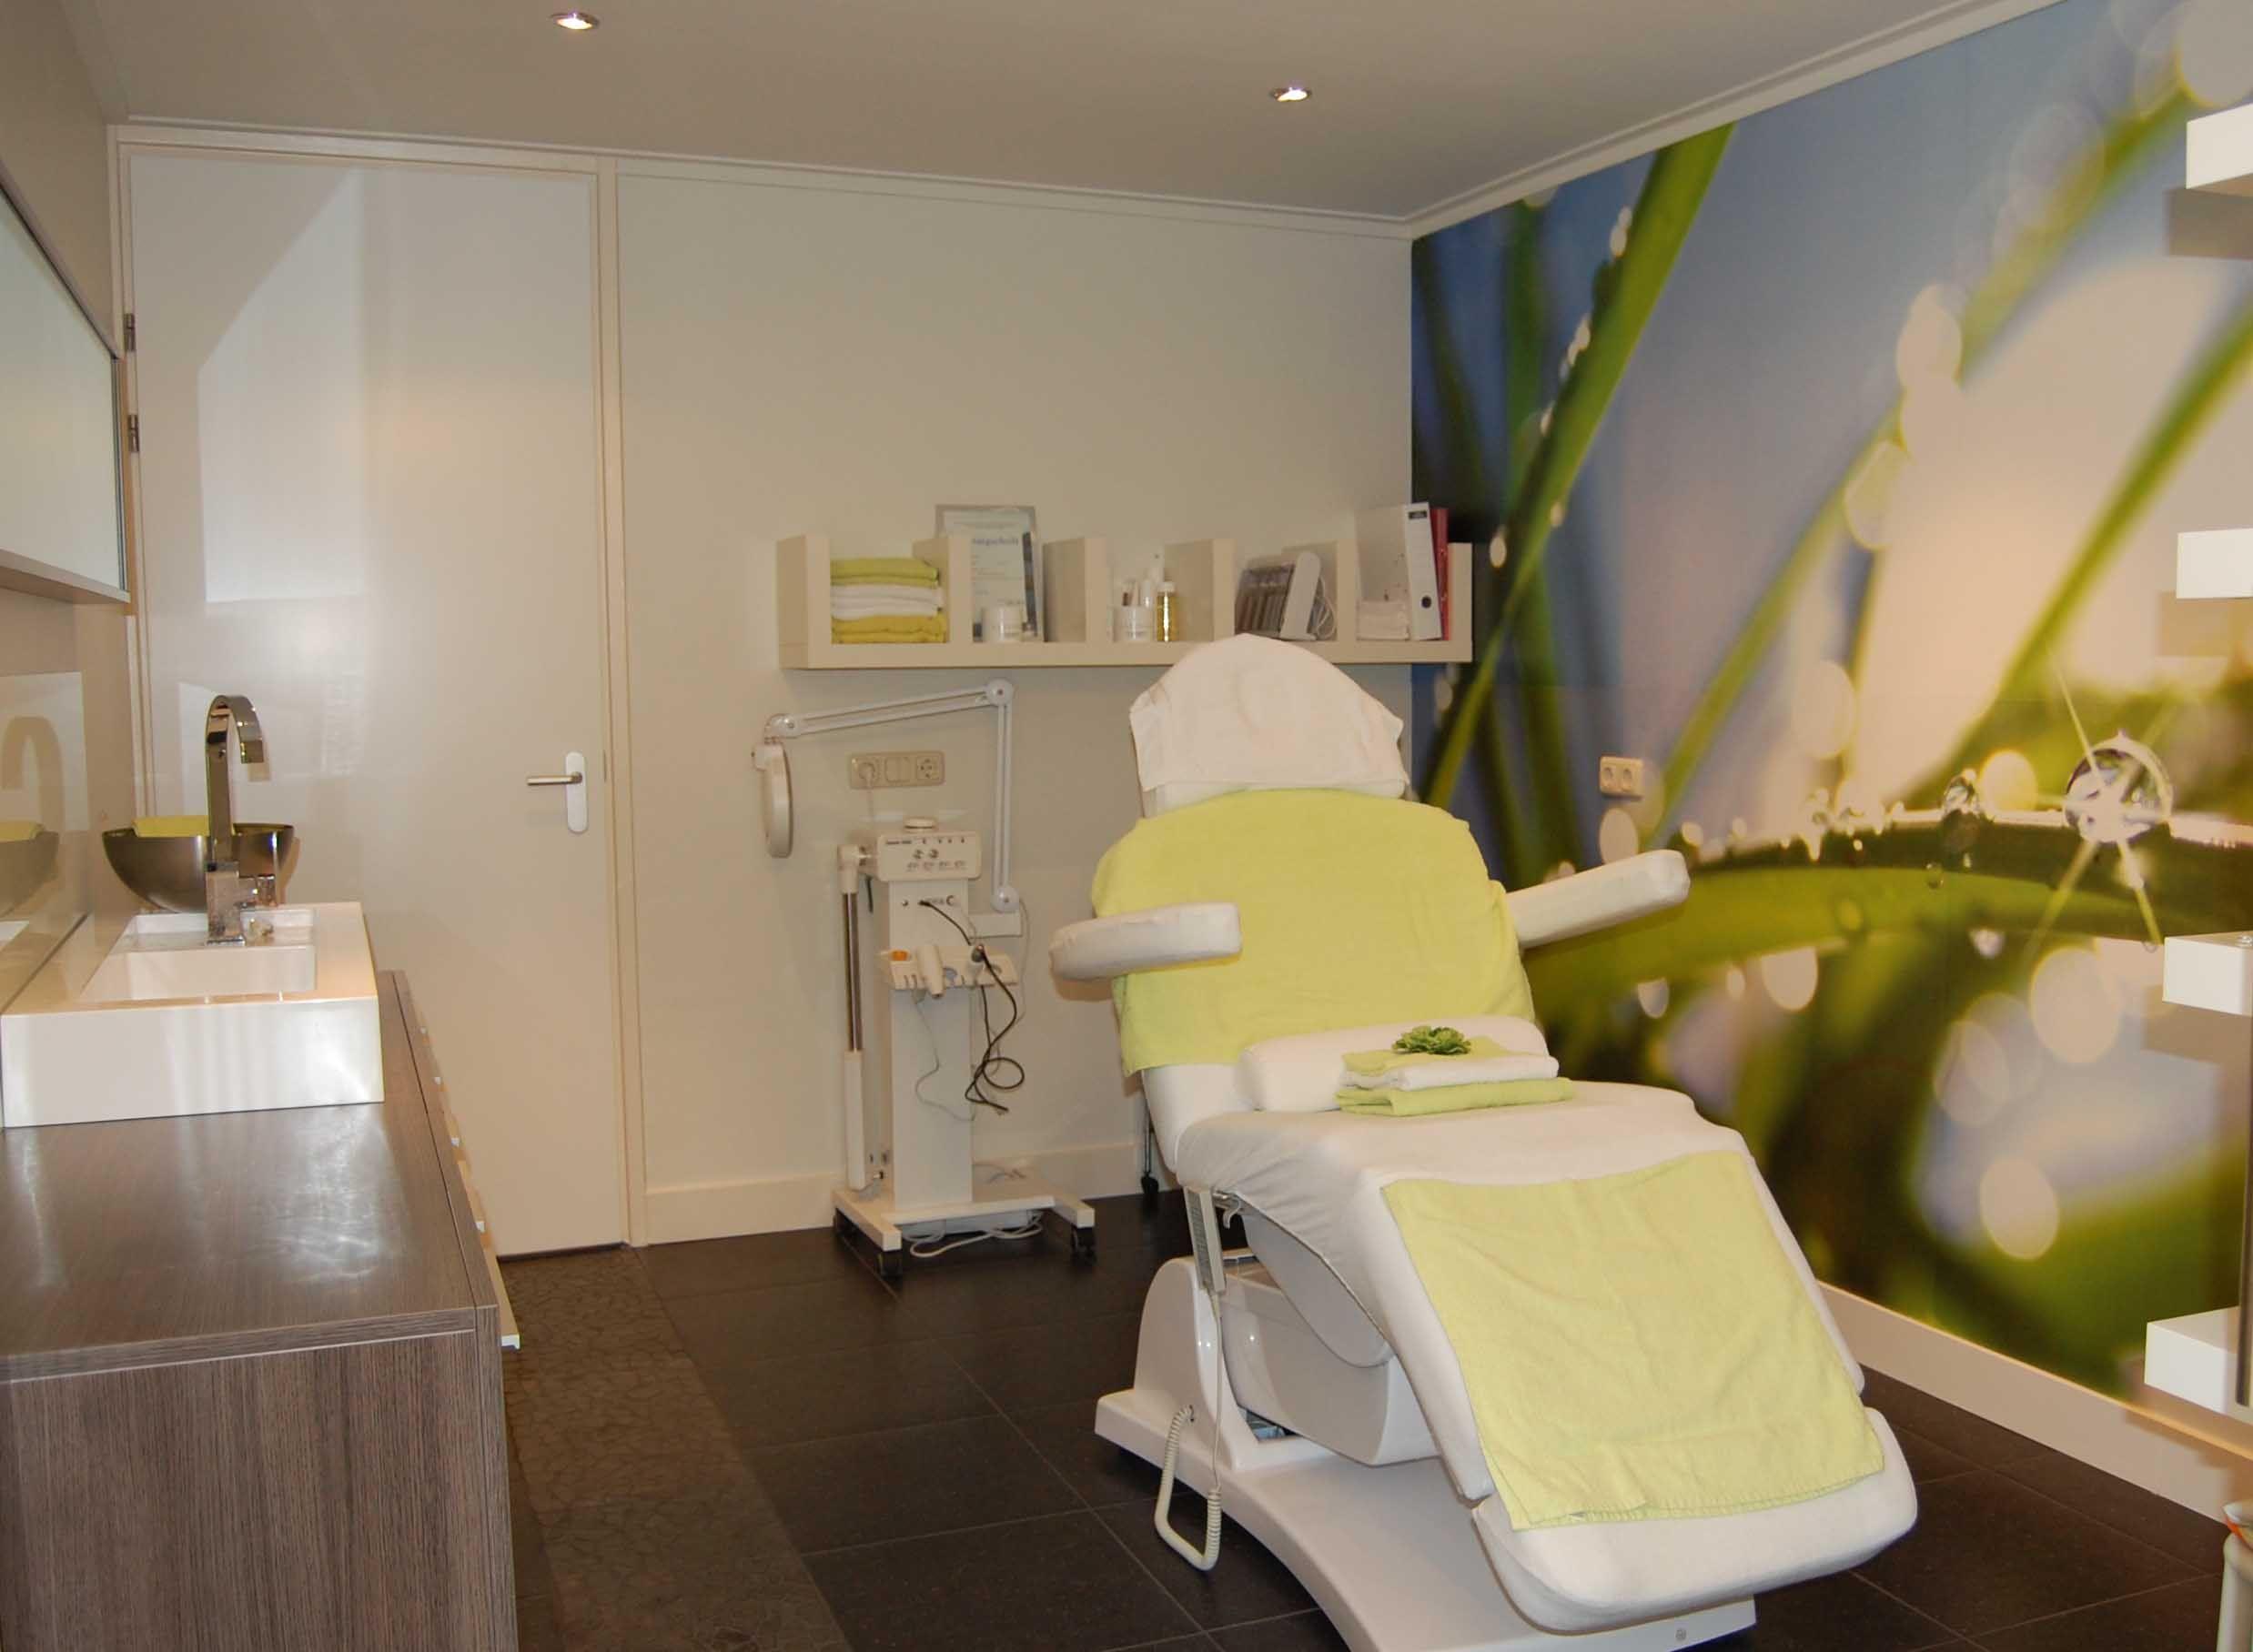 Salon Inrichting Meubels : Schoonheidssalon inrichting envy beauty concept rotterdam inline